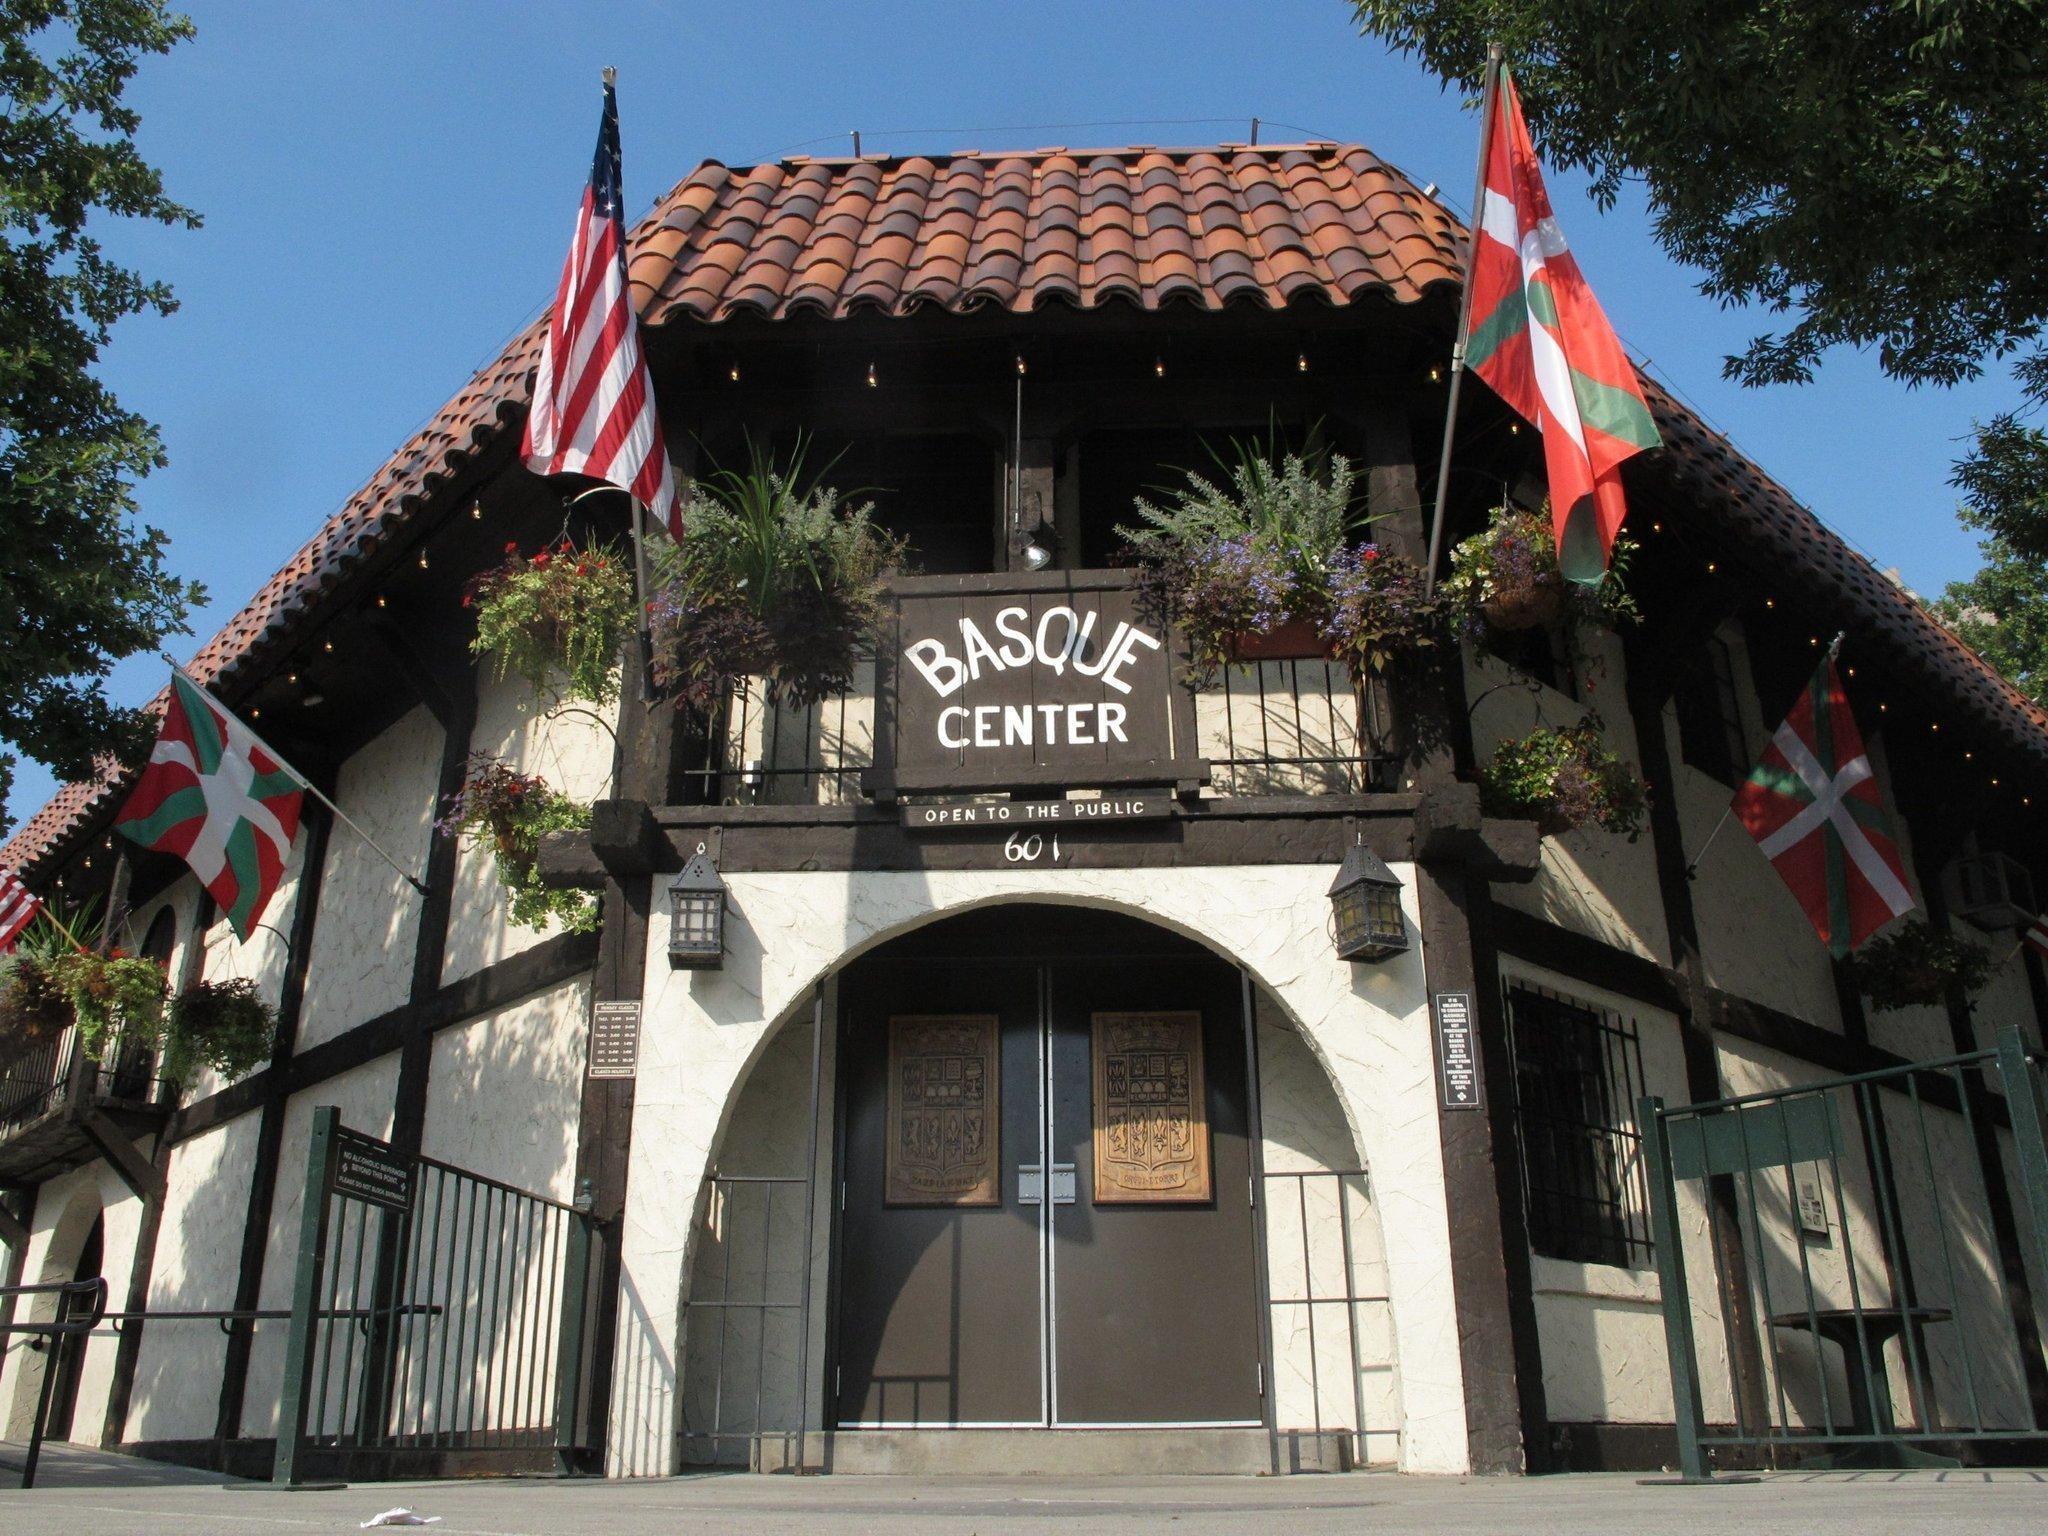 Downtown Boise Idaho | Basque Center